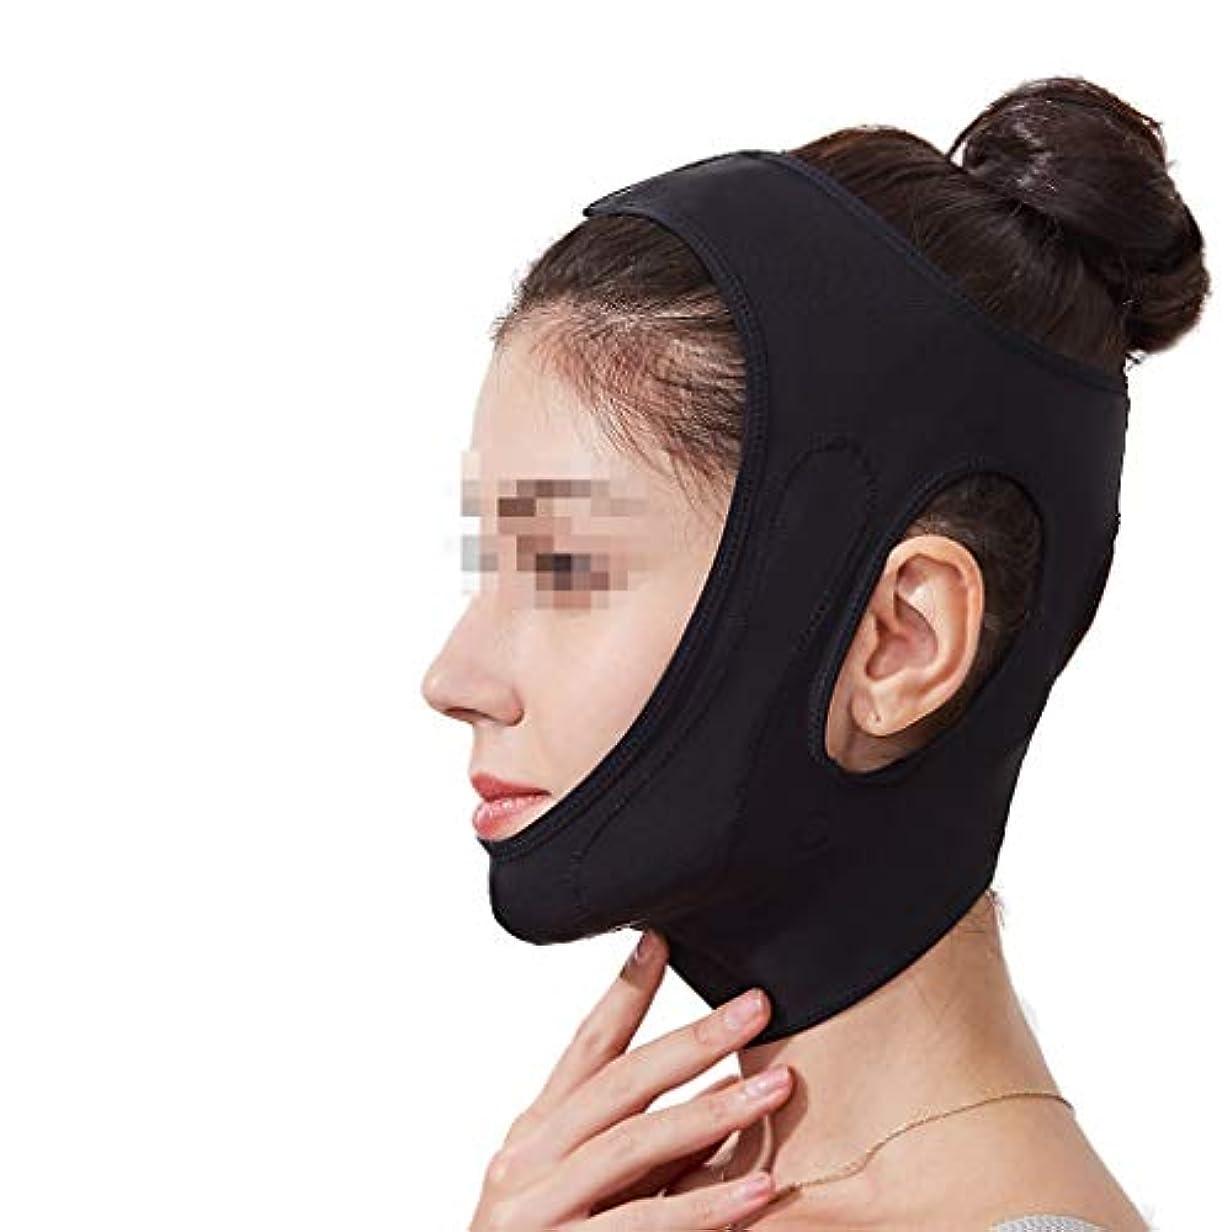 薄汚いナチュラル本体XHLMRMJ フェイスリフティング包帯、フェイスマスクフェイスリフトあご快適な顔マルチカラーオプション (Color : Black)